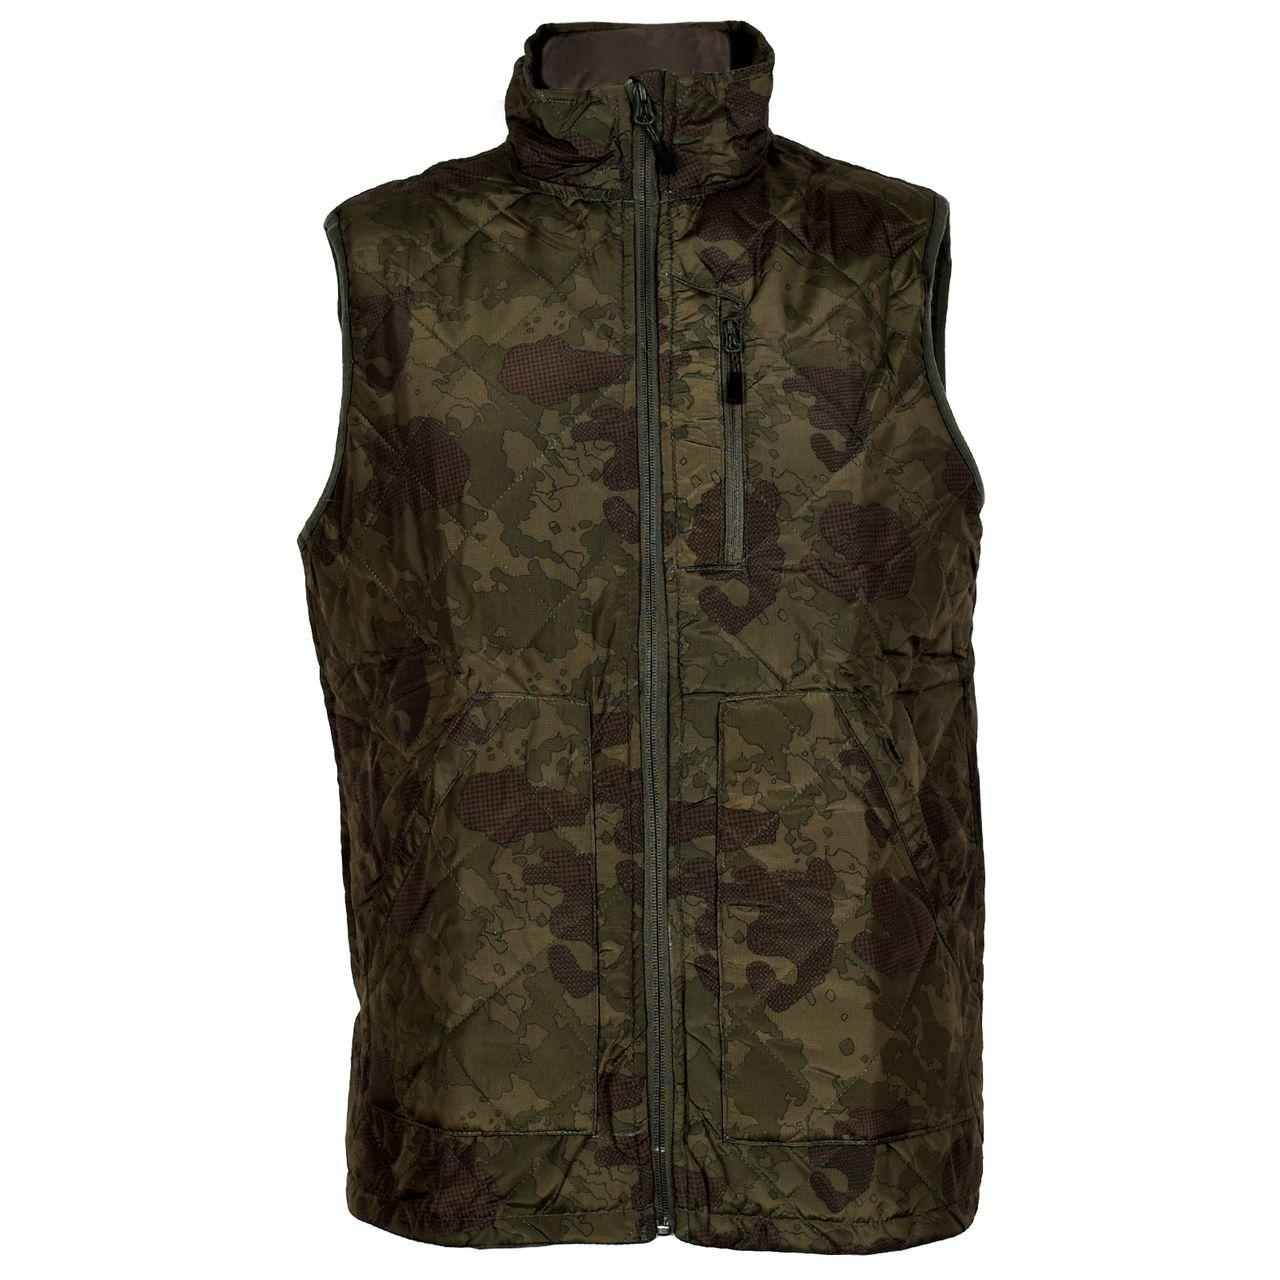 Hochwertige Herren Steppweste Outdoor Reflektierend Wasserabweisend Camouflage